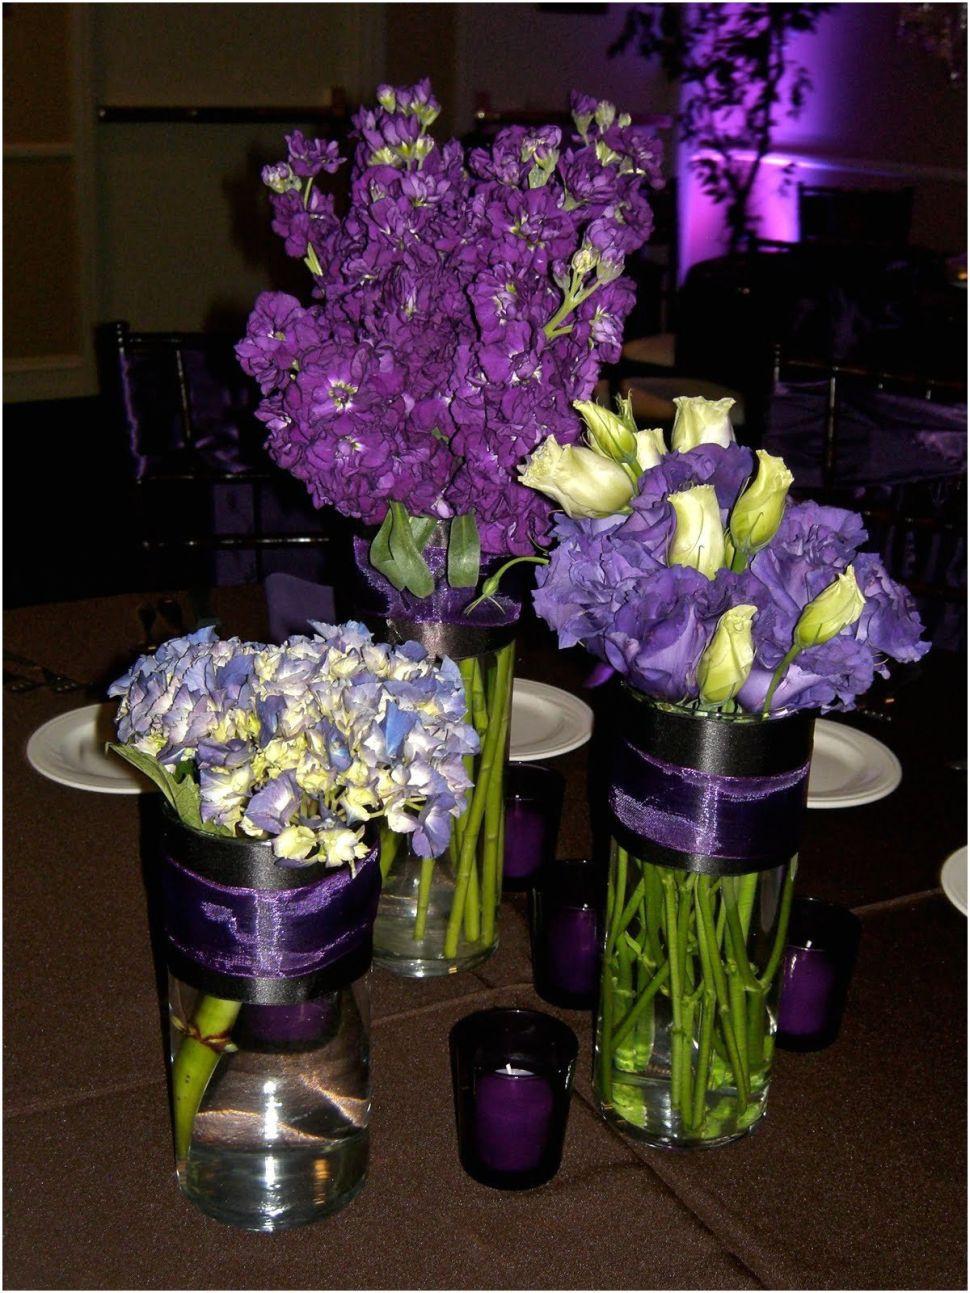 slanted glass vase of purple flower vase images wedding flowers near me lovely awesome intended for purple flower vase photos purple silk flowers stupendous dsc 1329h vases purple previ 0d floor of